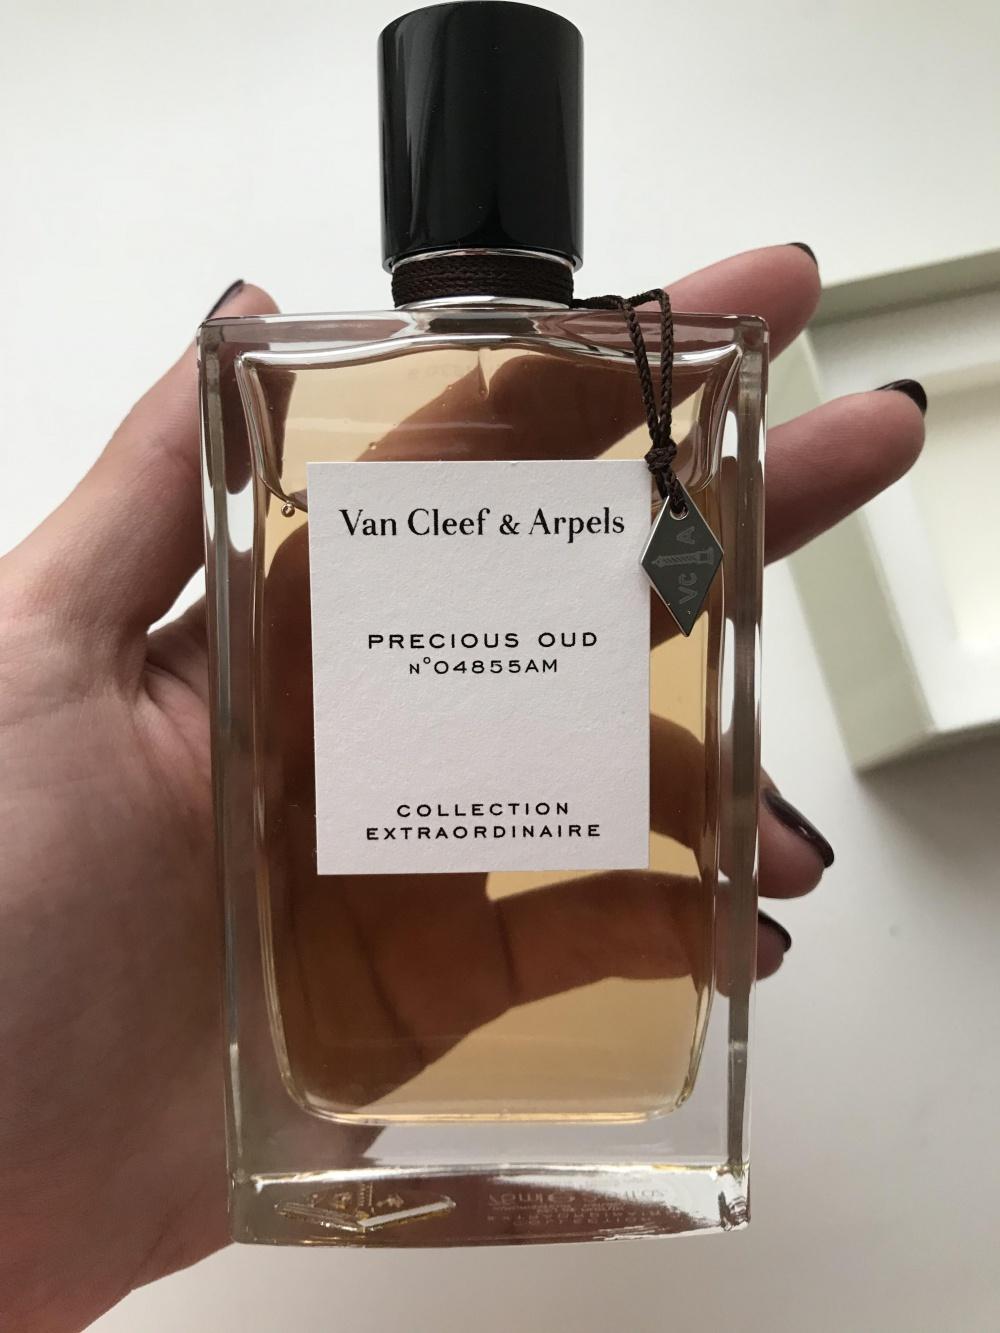 Van Cleef & Arpels Precious oud 75ml